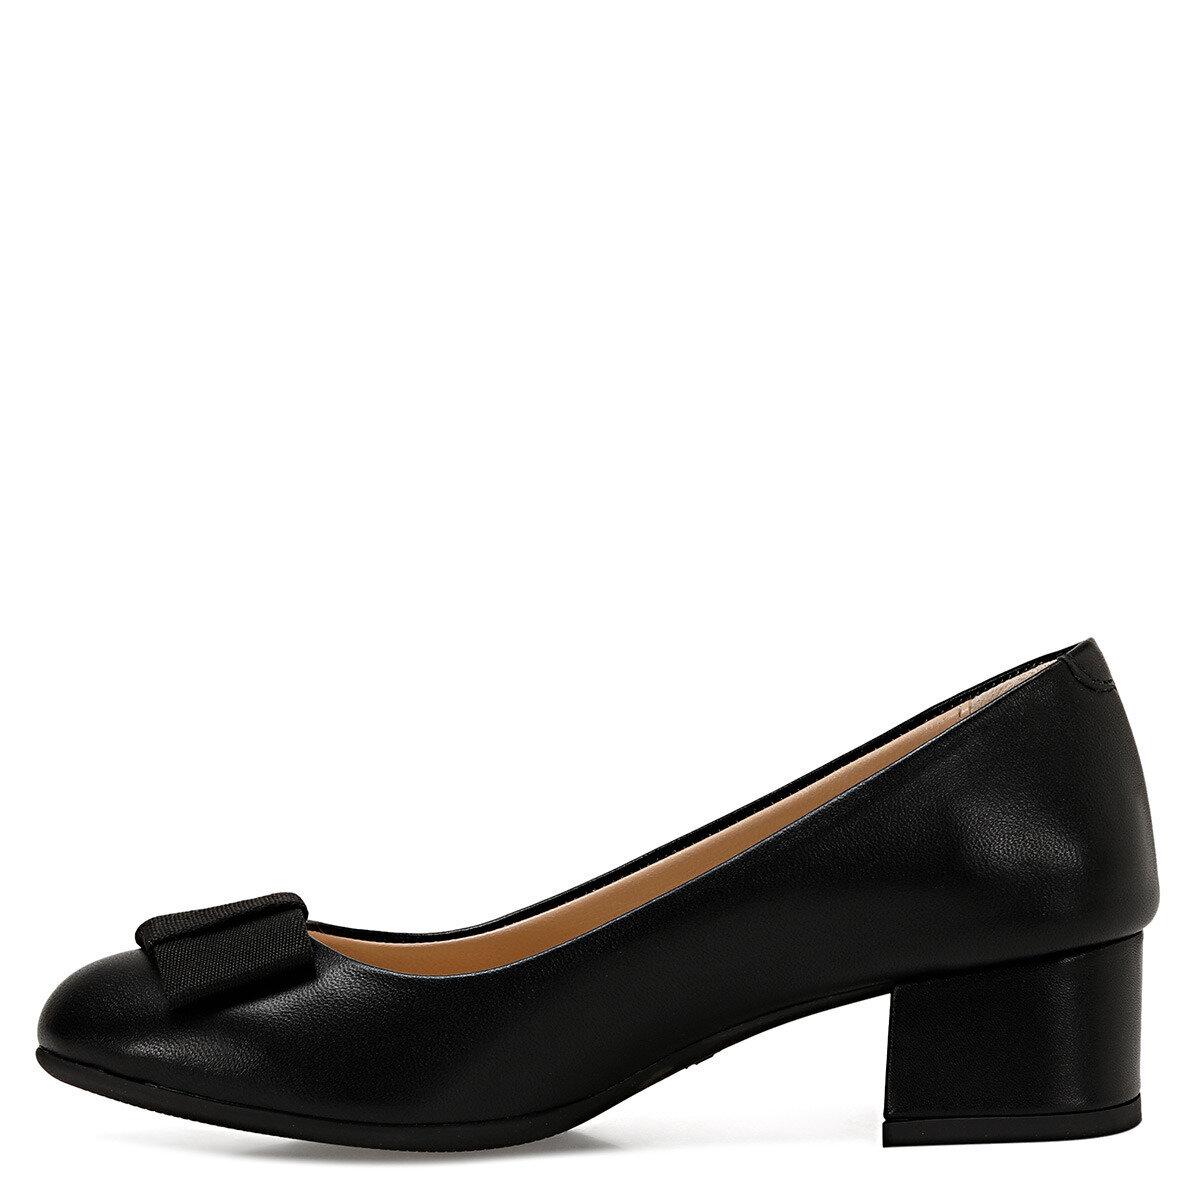 LENI Siyah Kadın Topuklu Ayakkabı